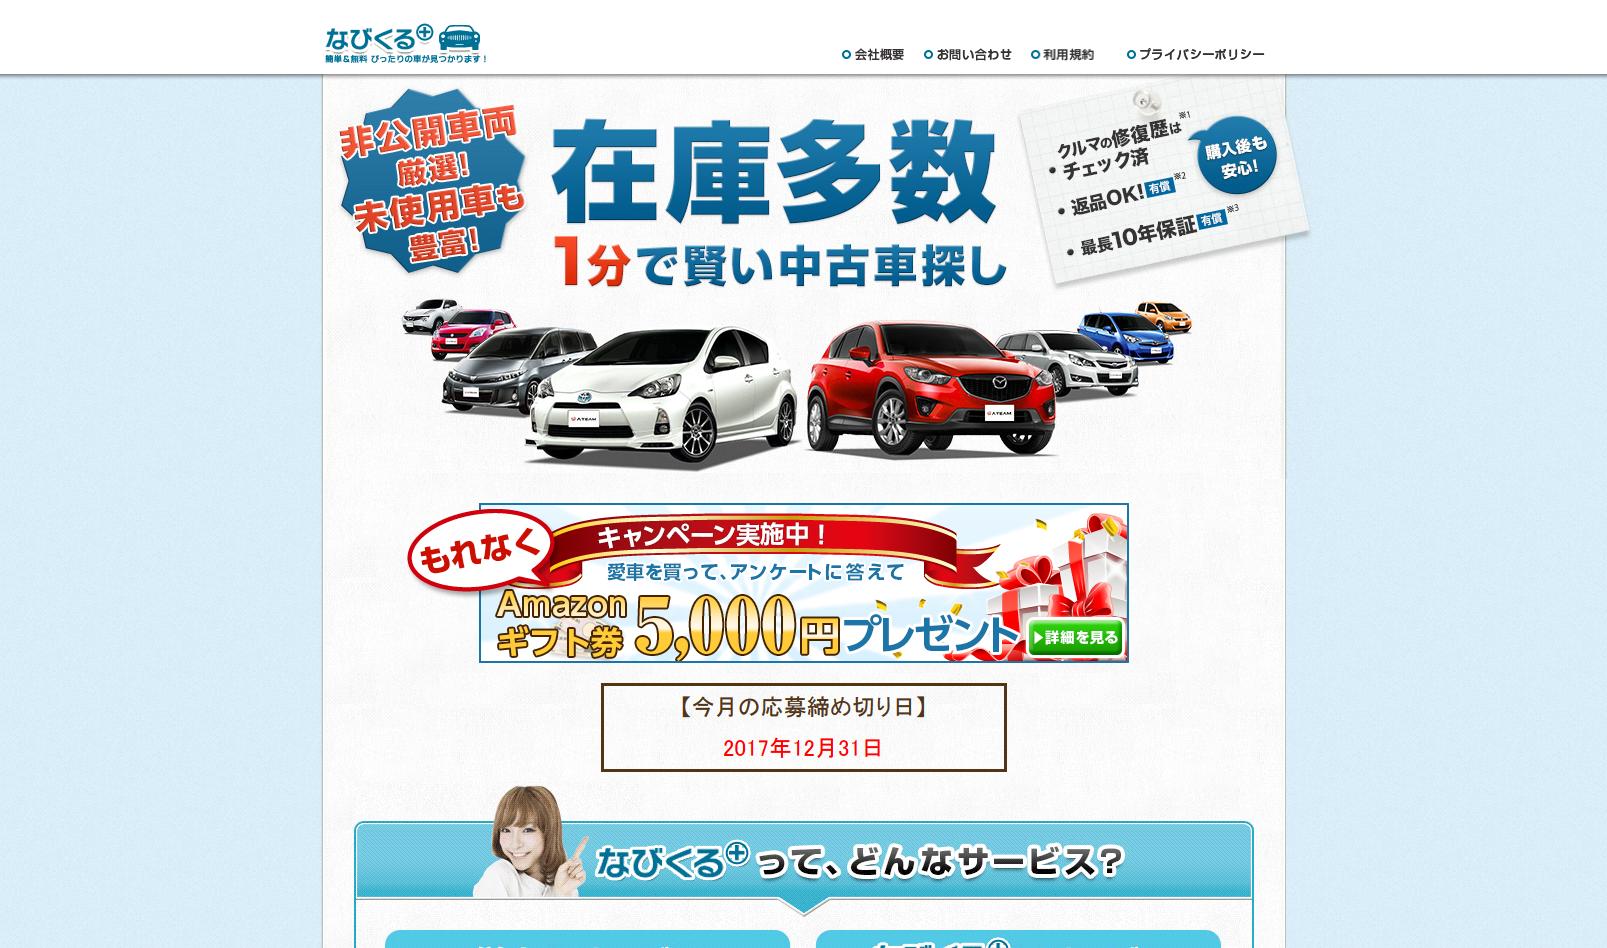 なびくる+(ナビクル+)/【簡単&無料】中古車のお探しサービス